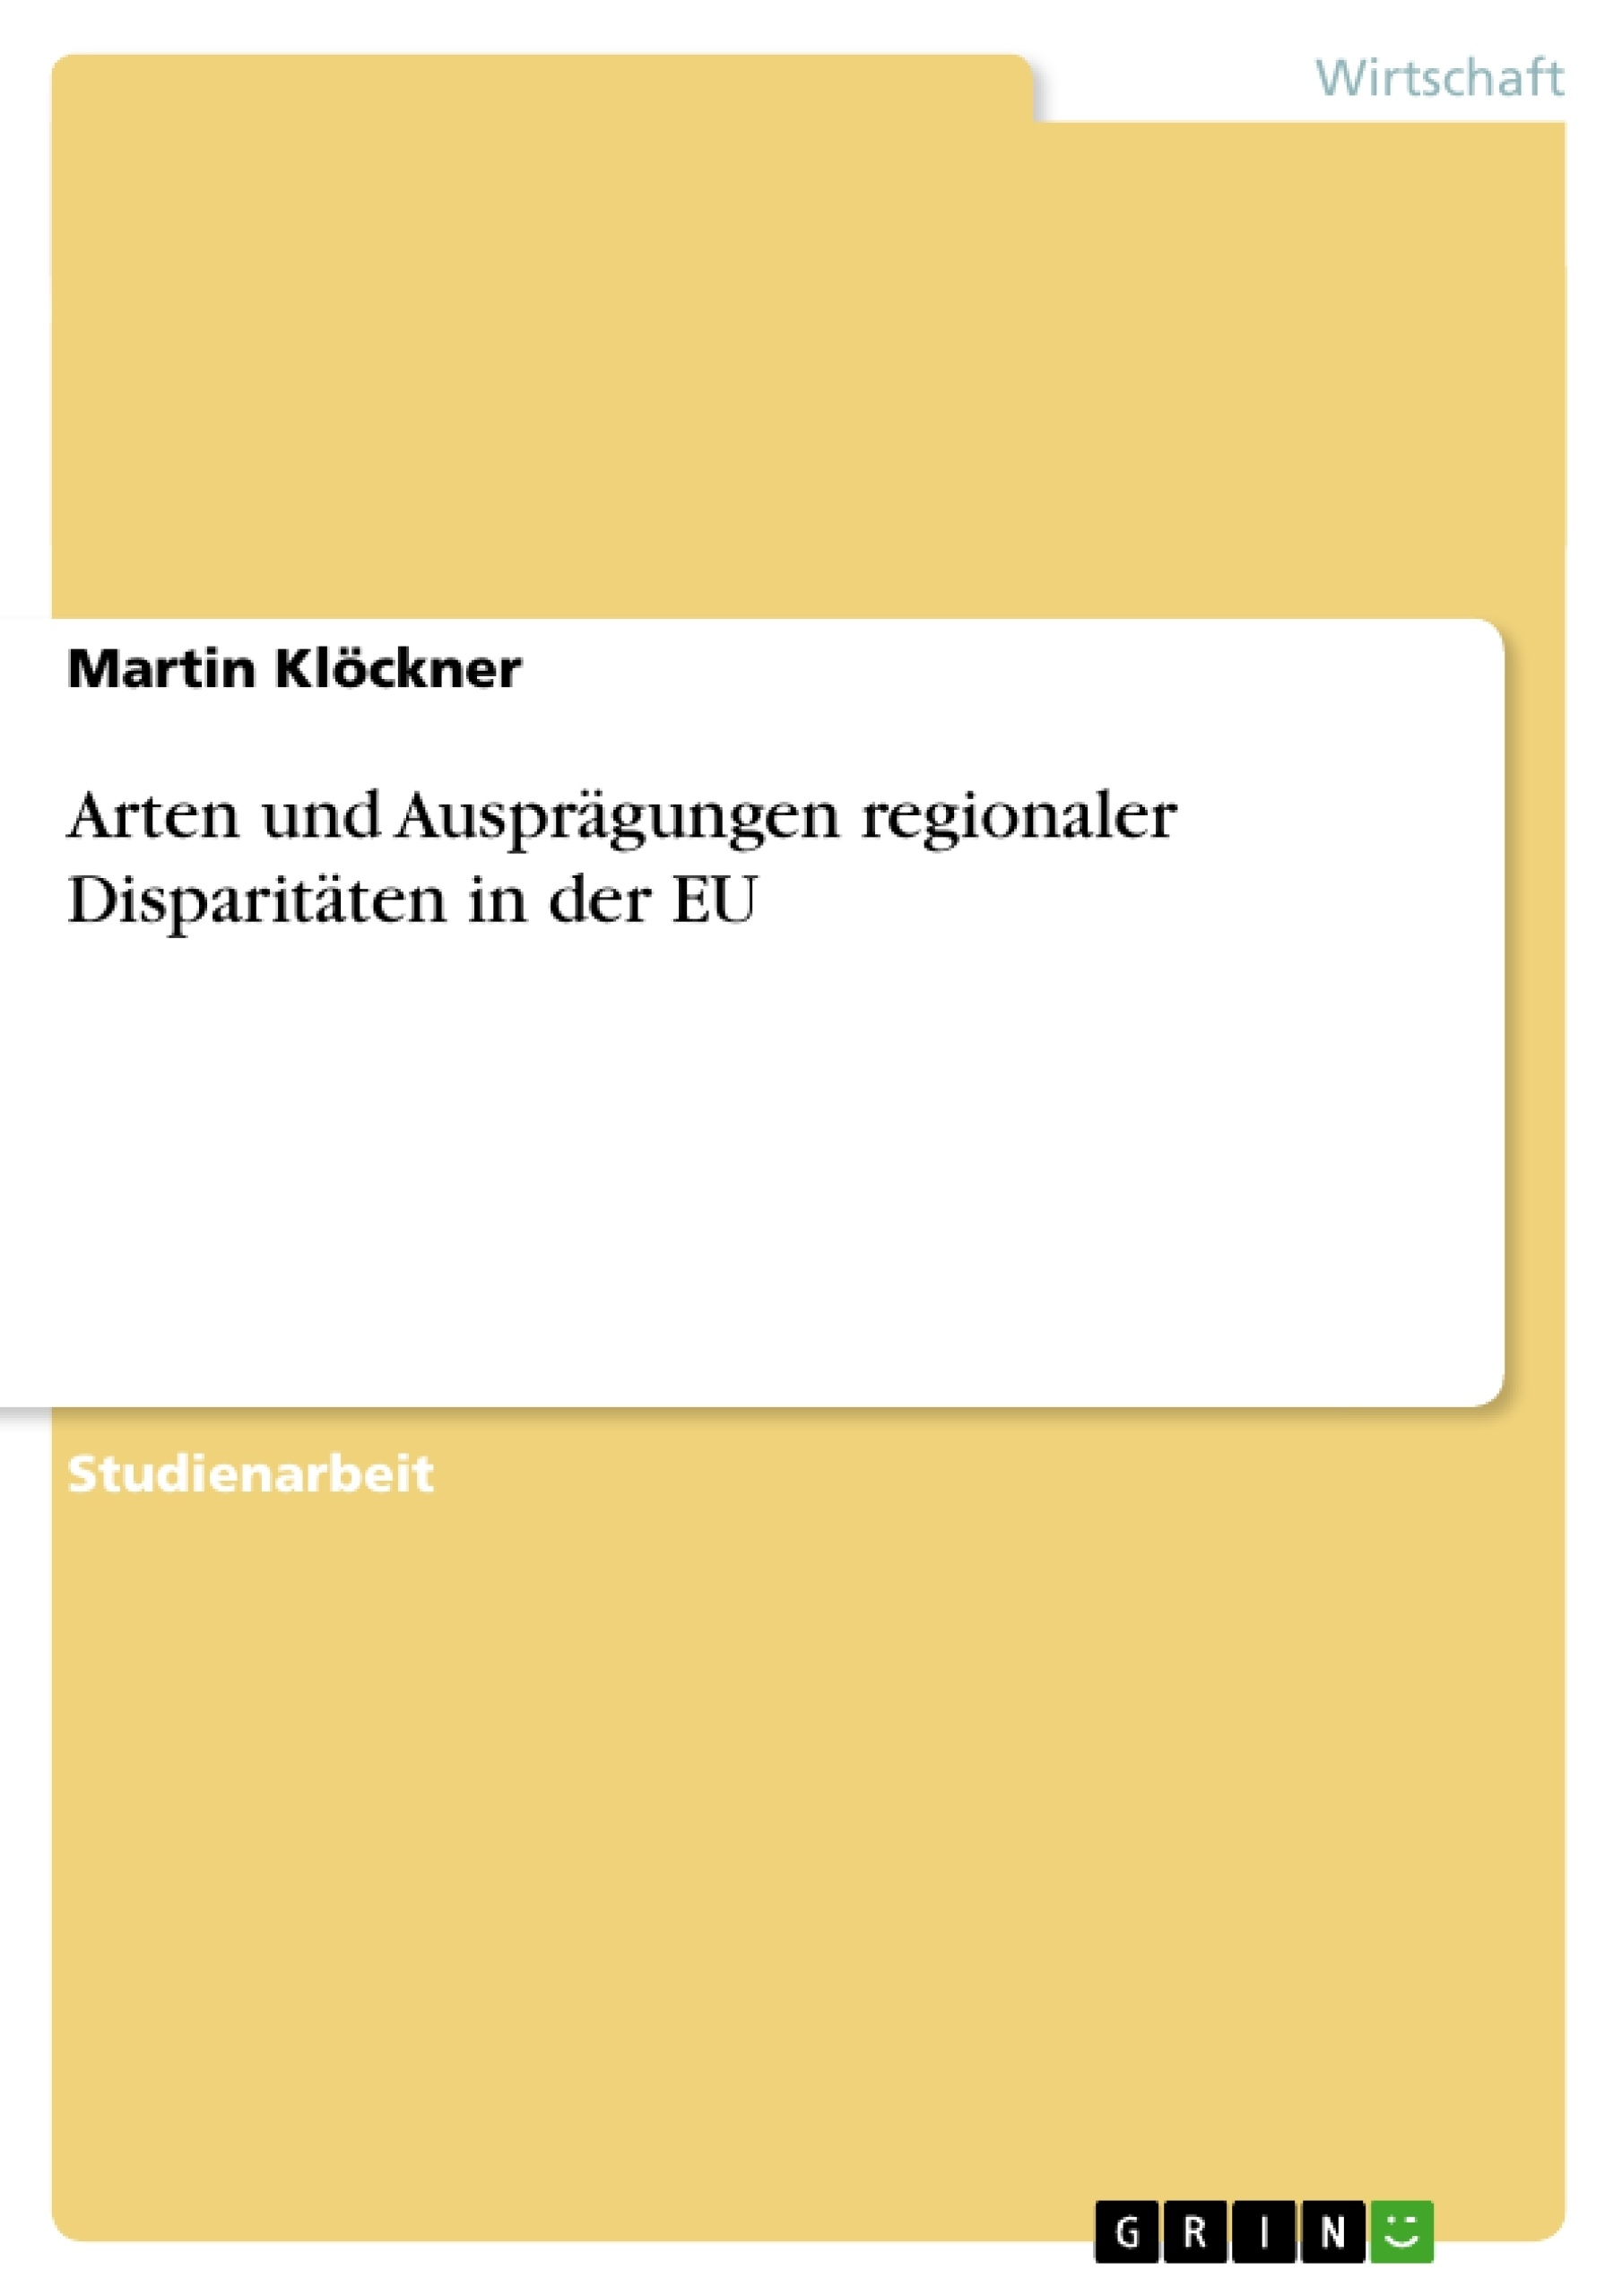 Titel: Arten und Ausprägungen regionaler Disparitäten in der EU